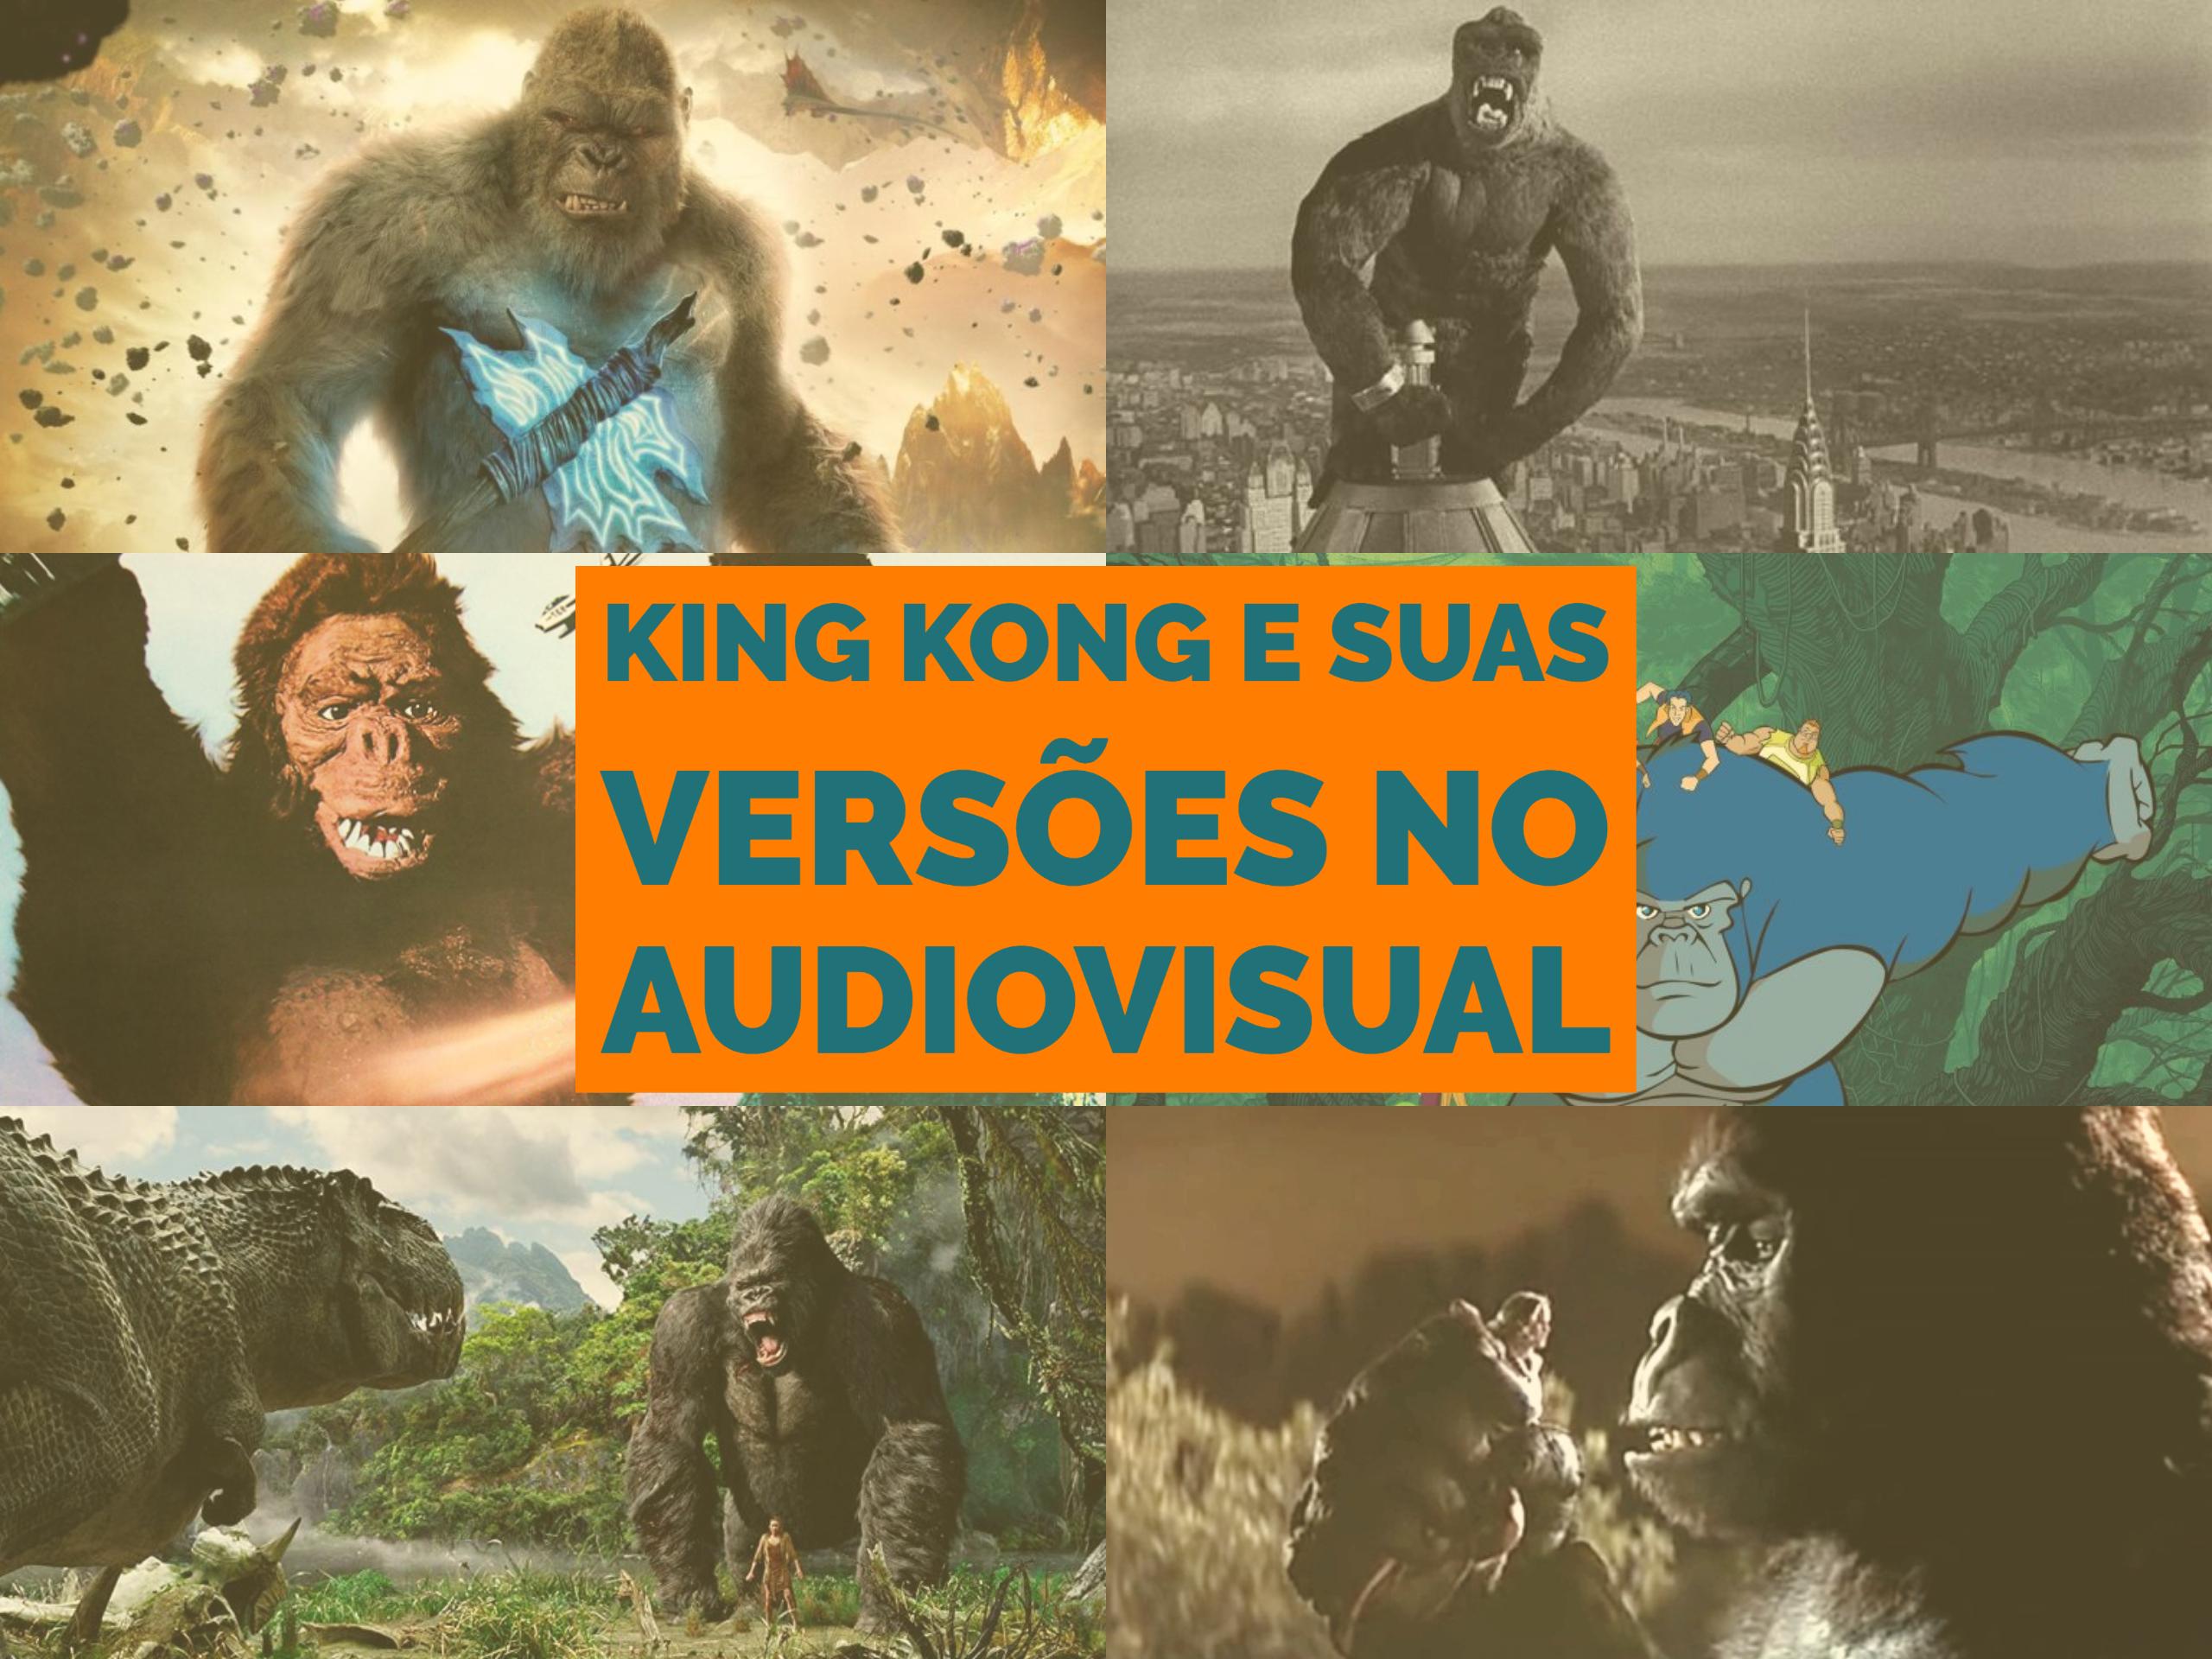 King Kong e suas versões no audiovisual